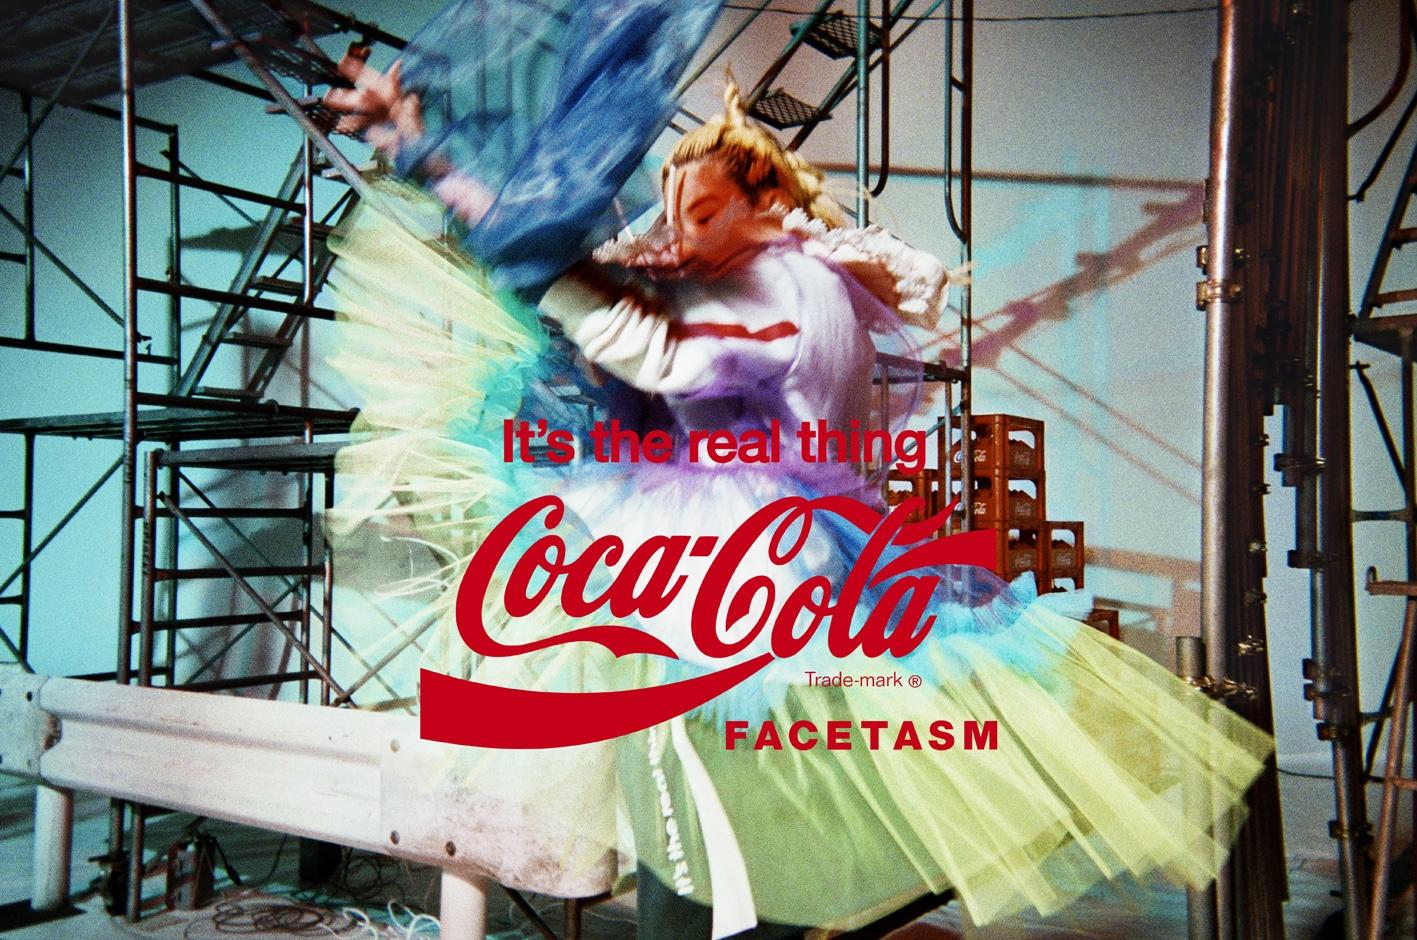 FACETASM x Coca Cola